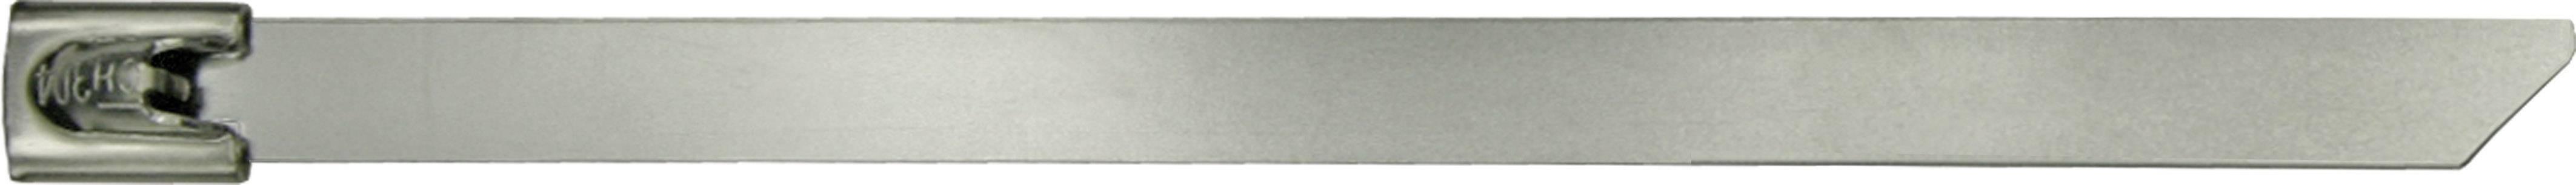 Ocelový stahovací pásek Kunzer 7EKB360, 360 x 7,9 mm, 10 ks